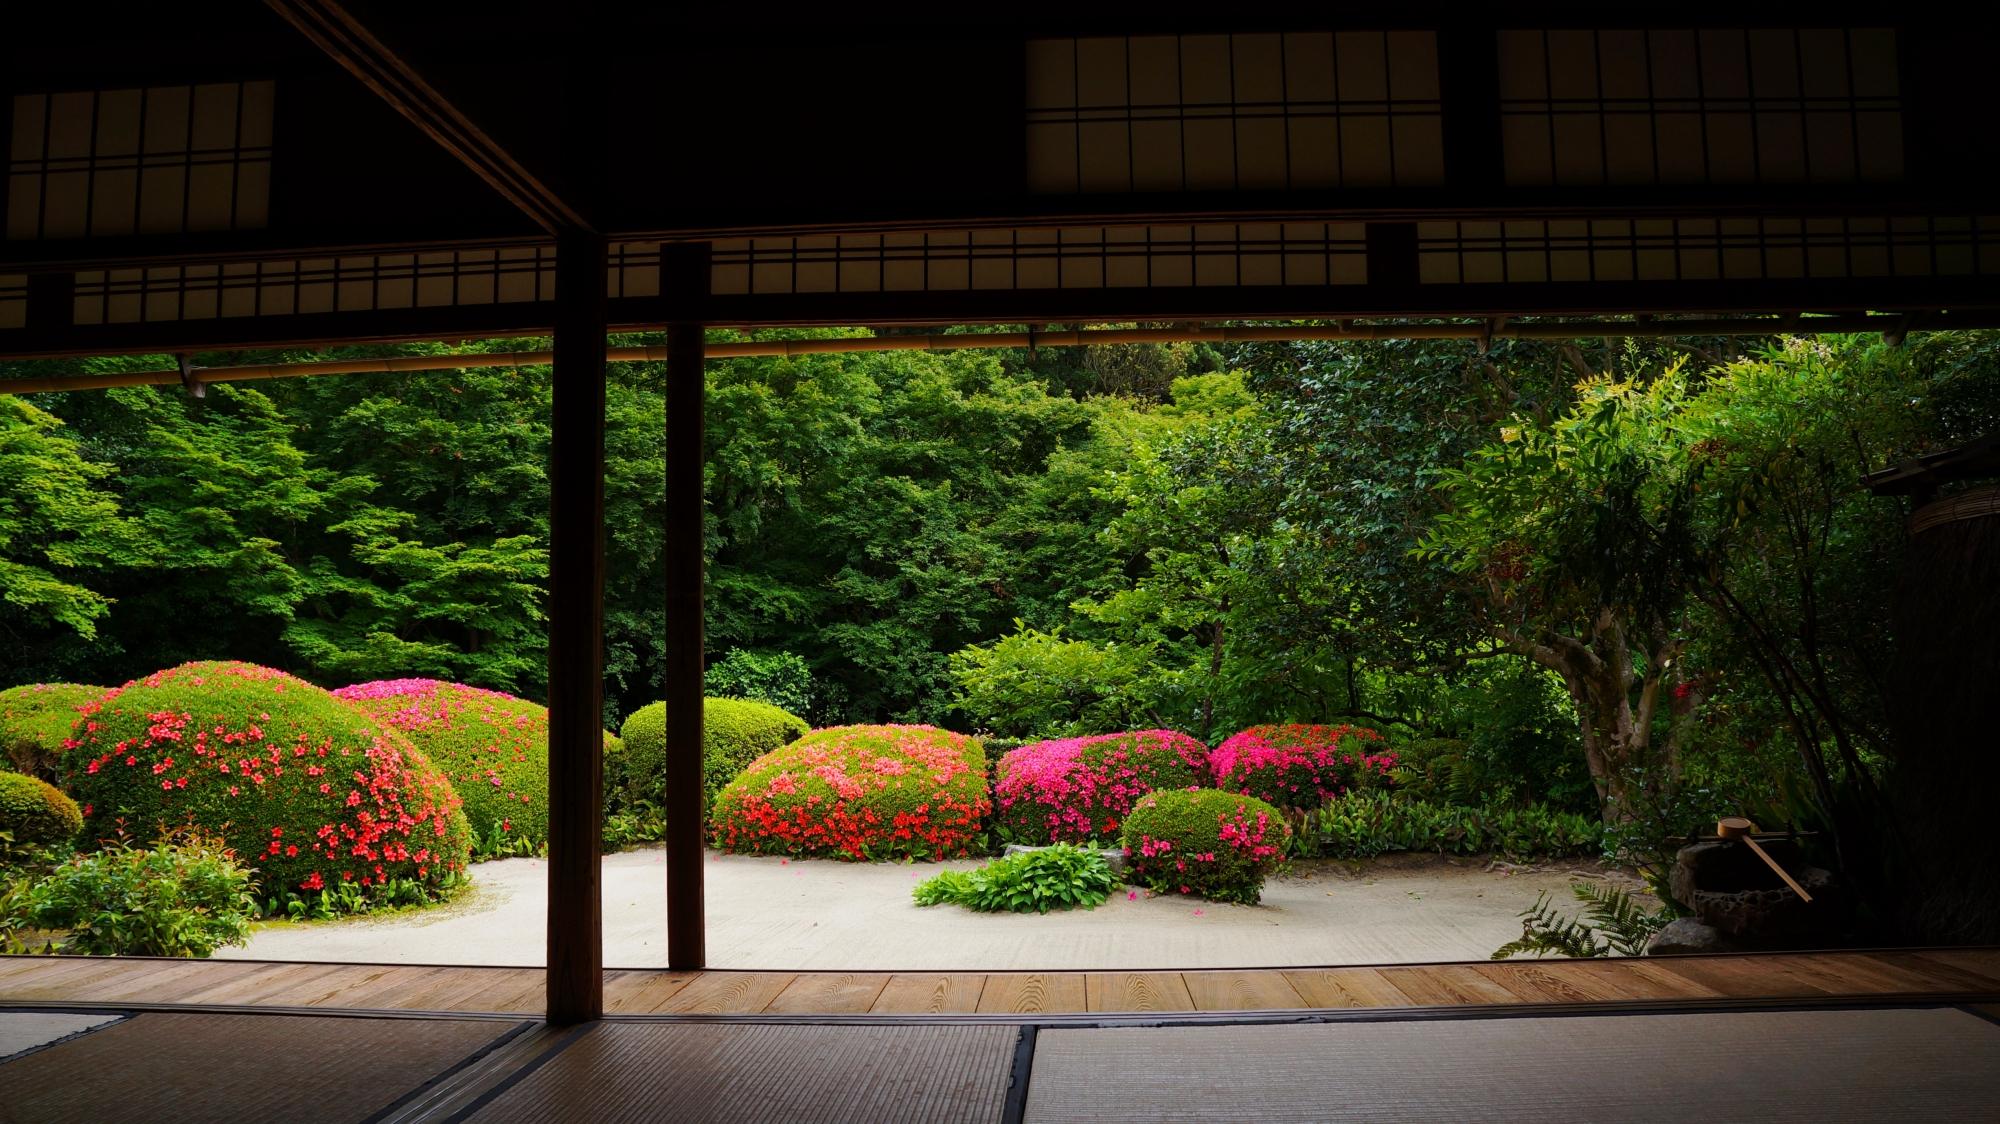 詩仙堂の極上の額縁のサツキの庭園